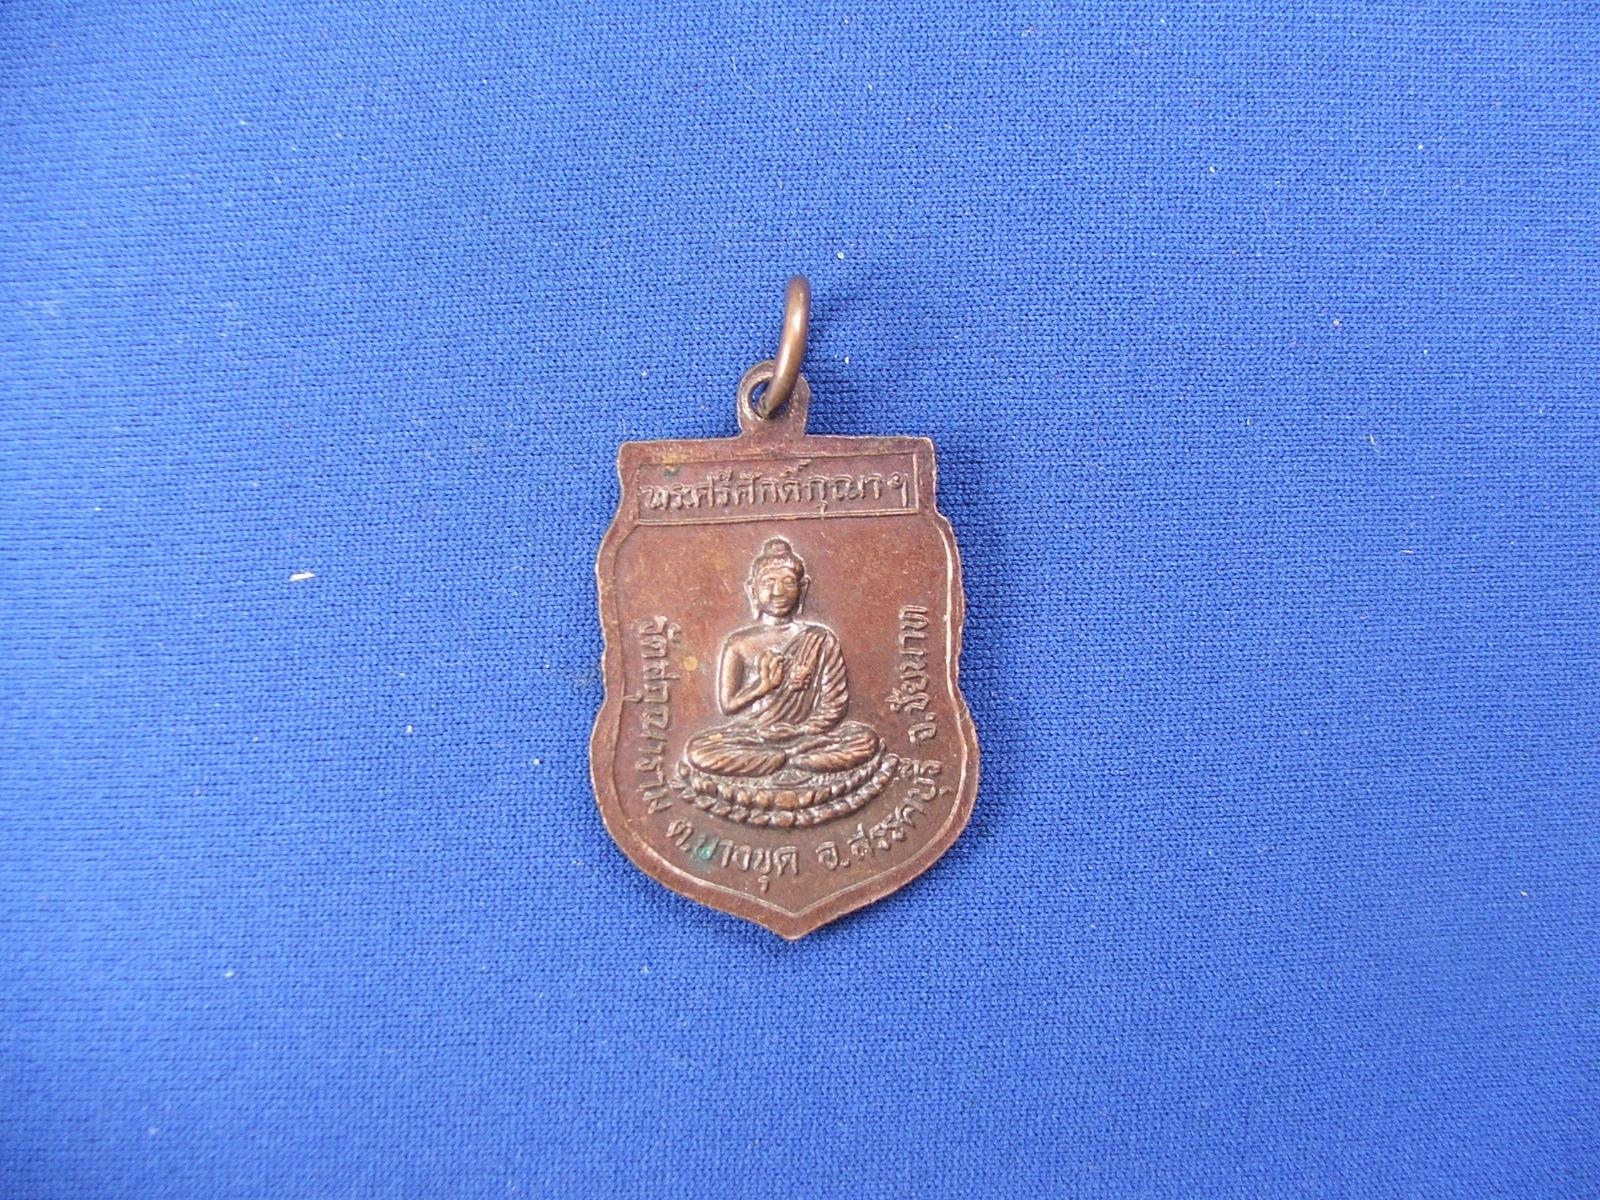 เหรียญพระศรีศักดิ์กุณาฯ วัดสกุณาราม ต. บางขุด อ. สรรคบุรี จ. ชัยนาท